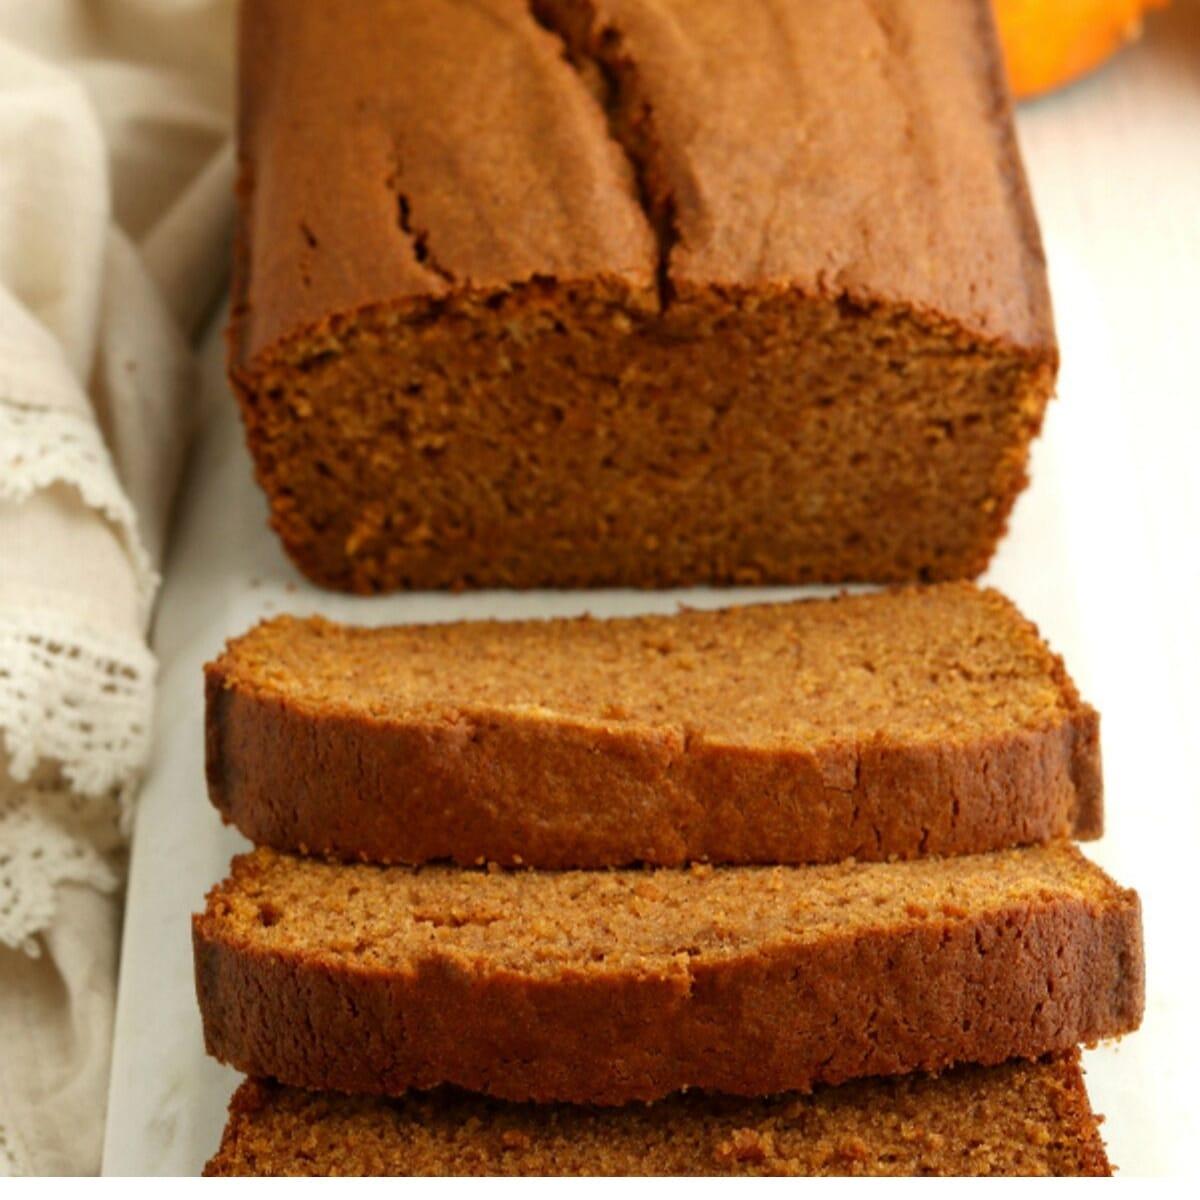 sliced loaf of gluten-free pumpkin bread